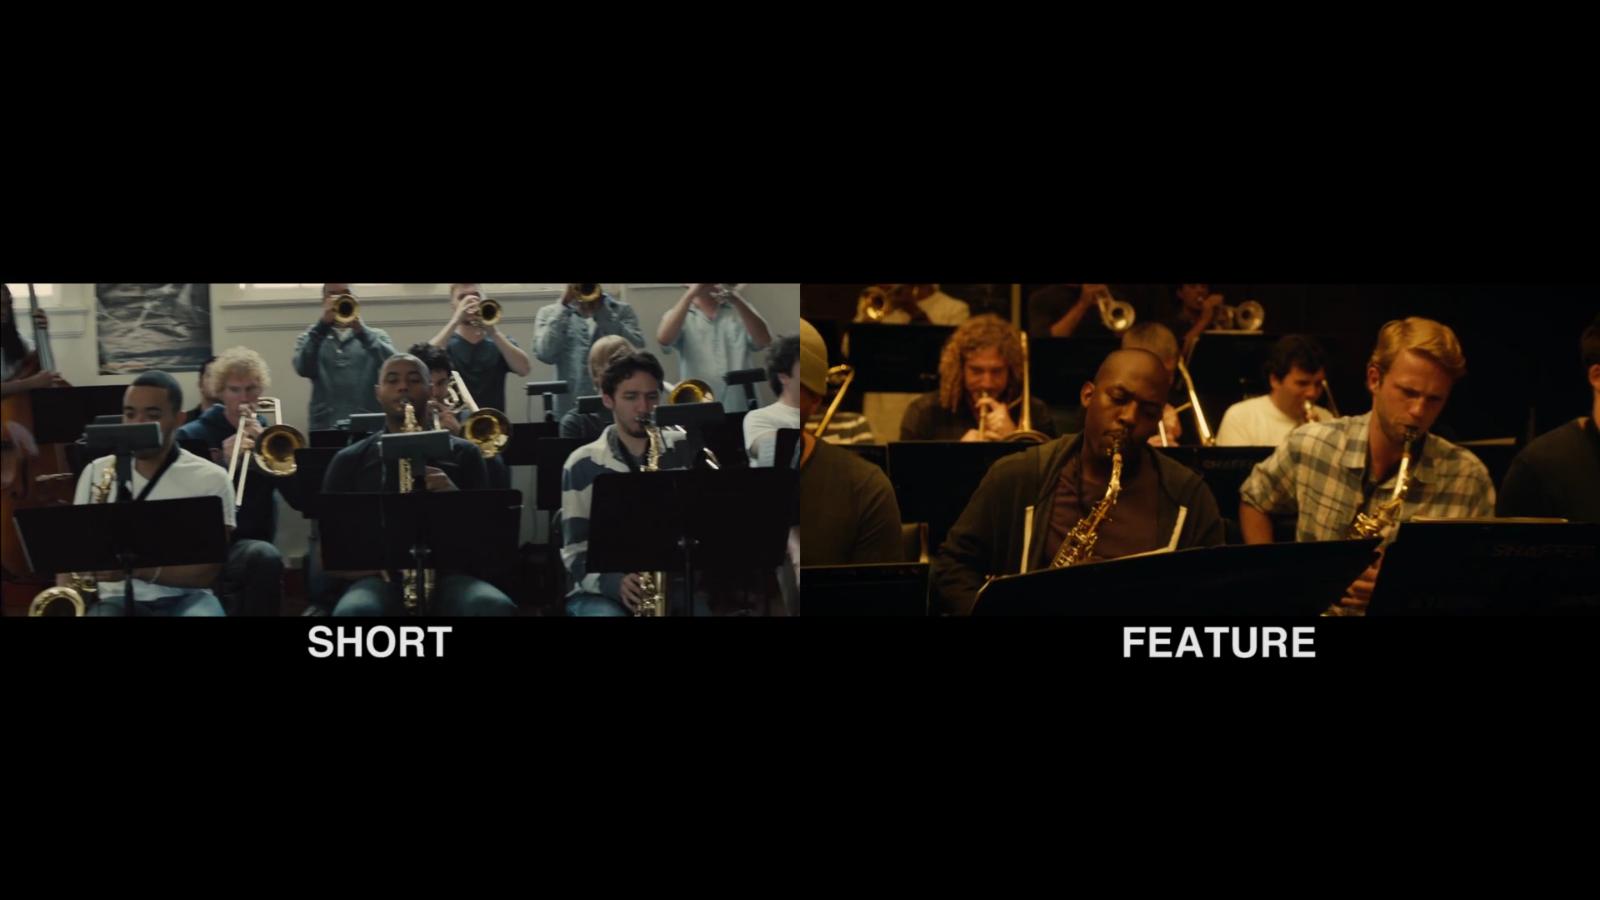 Frame de vídeo que compara curta e longa de 'Whiplash' (Foto: Reprodução/Vimeo)